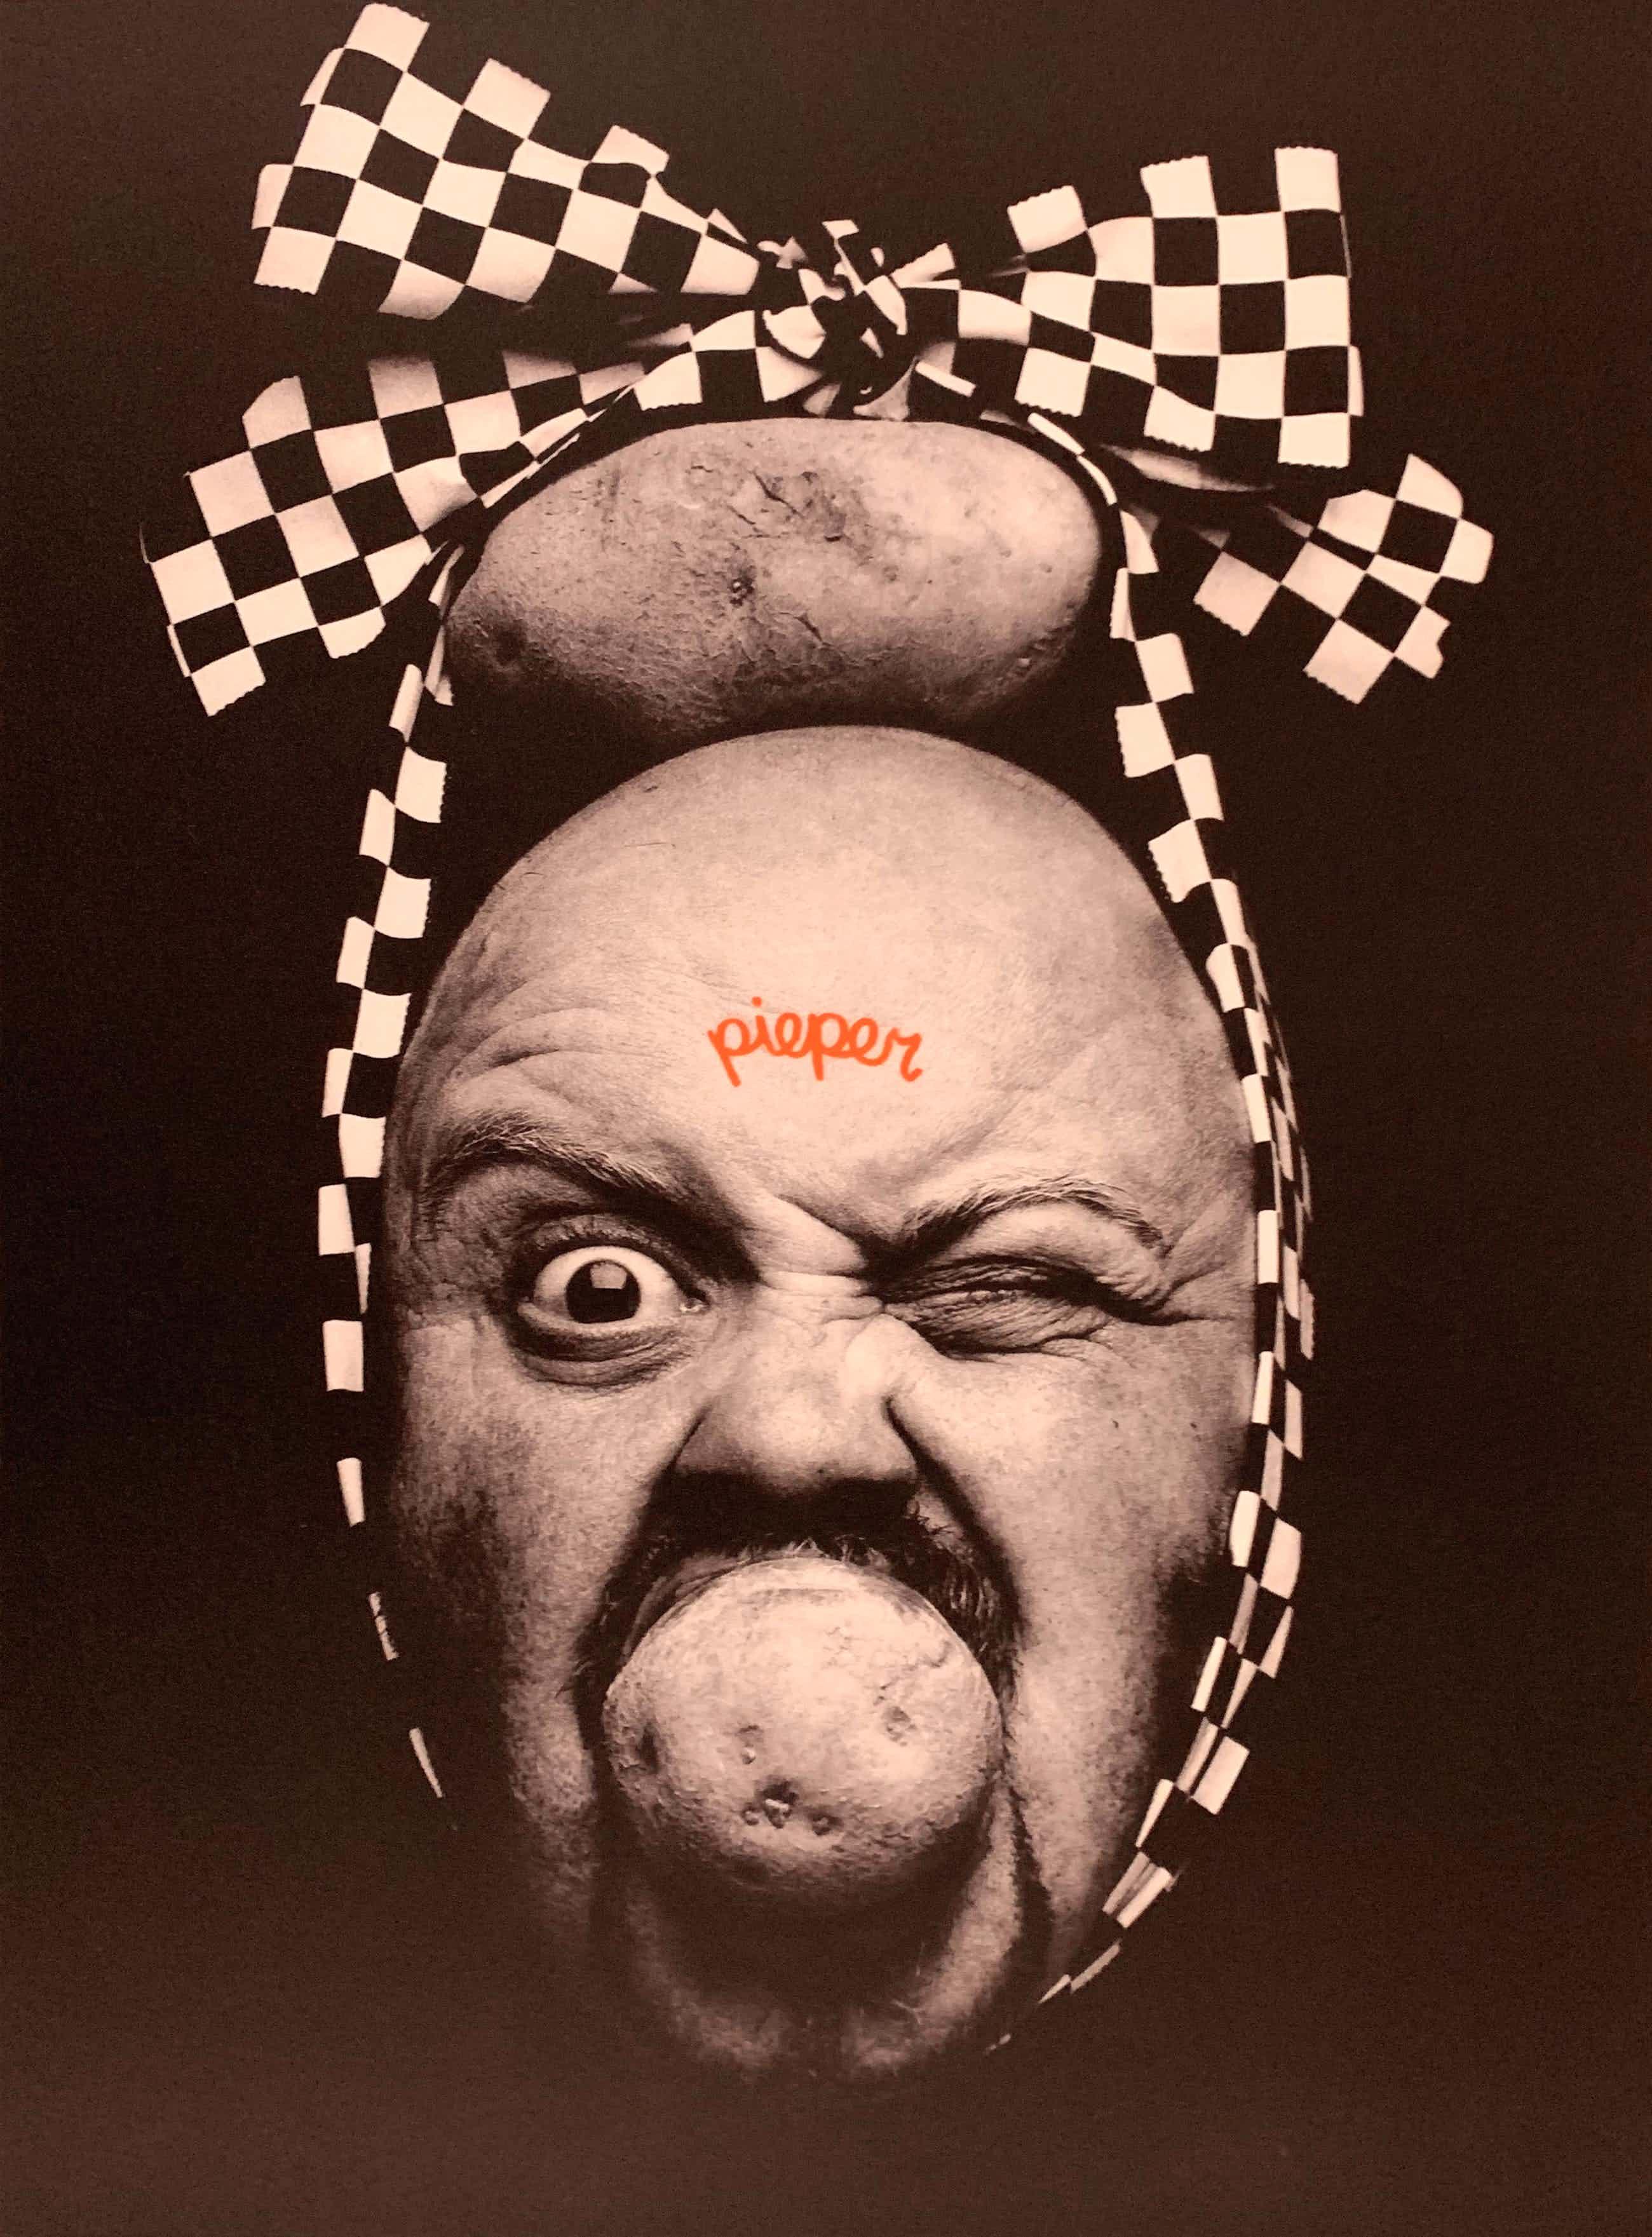 Erwin Olaf - Erwin Olaf - 'Pieper' - 1999 - Oplage slechts 18 stuks (ZELDZAAM!) kopen? Bied vanaf 950!